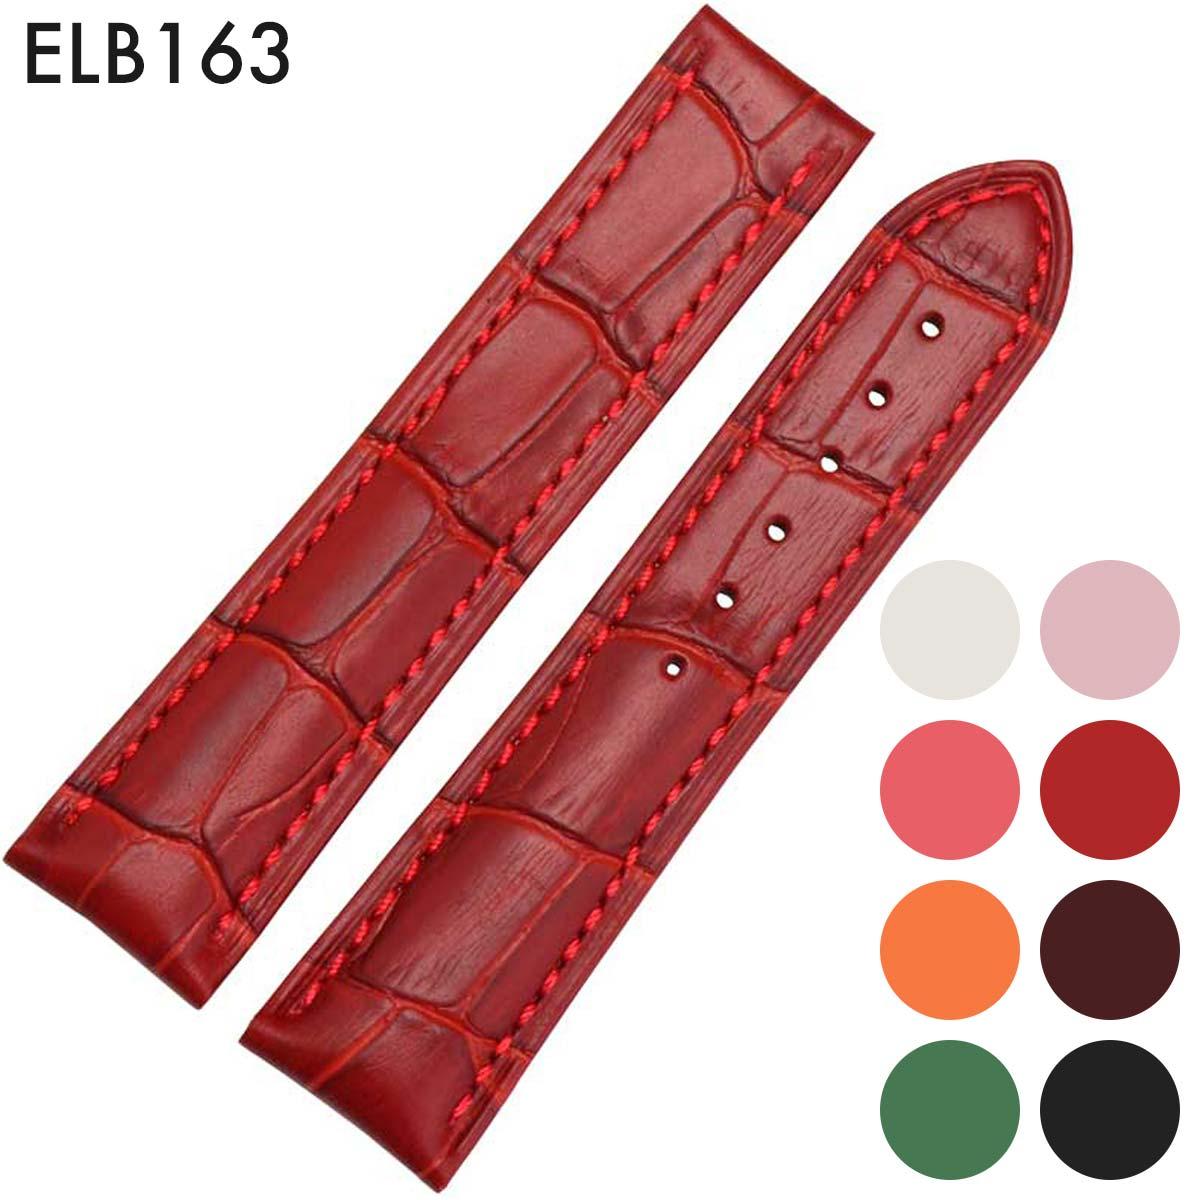 腕時計用アクセサリー, 腕時計用ベルト・バンド  18mm : OMEGA () Eight - ELB163